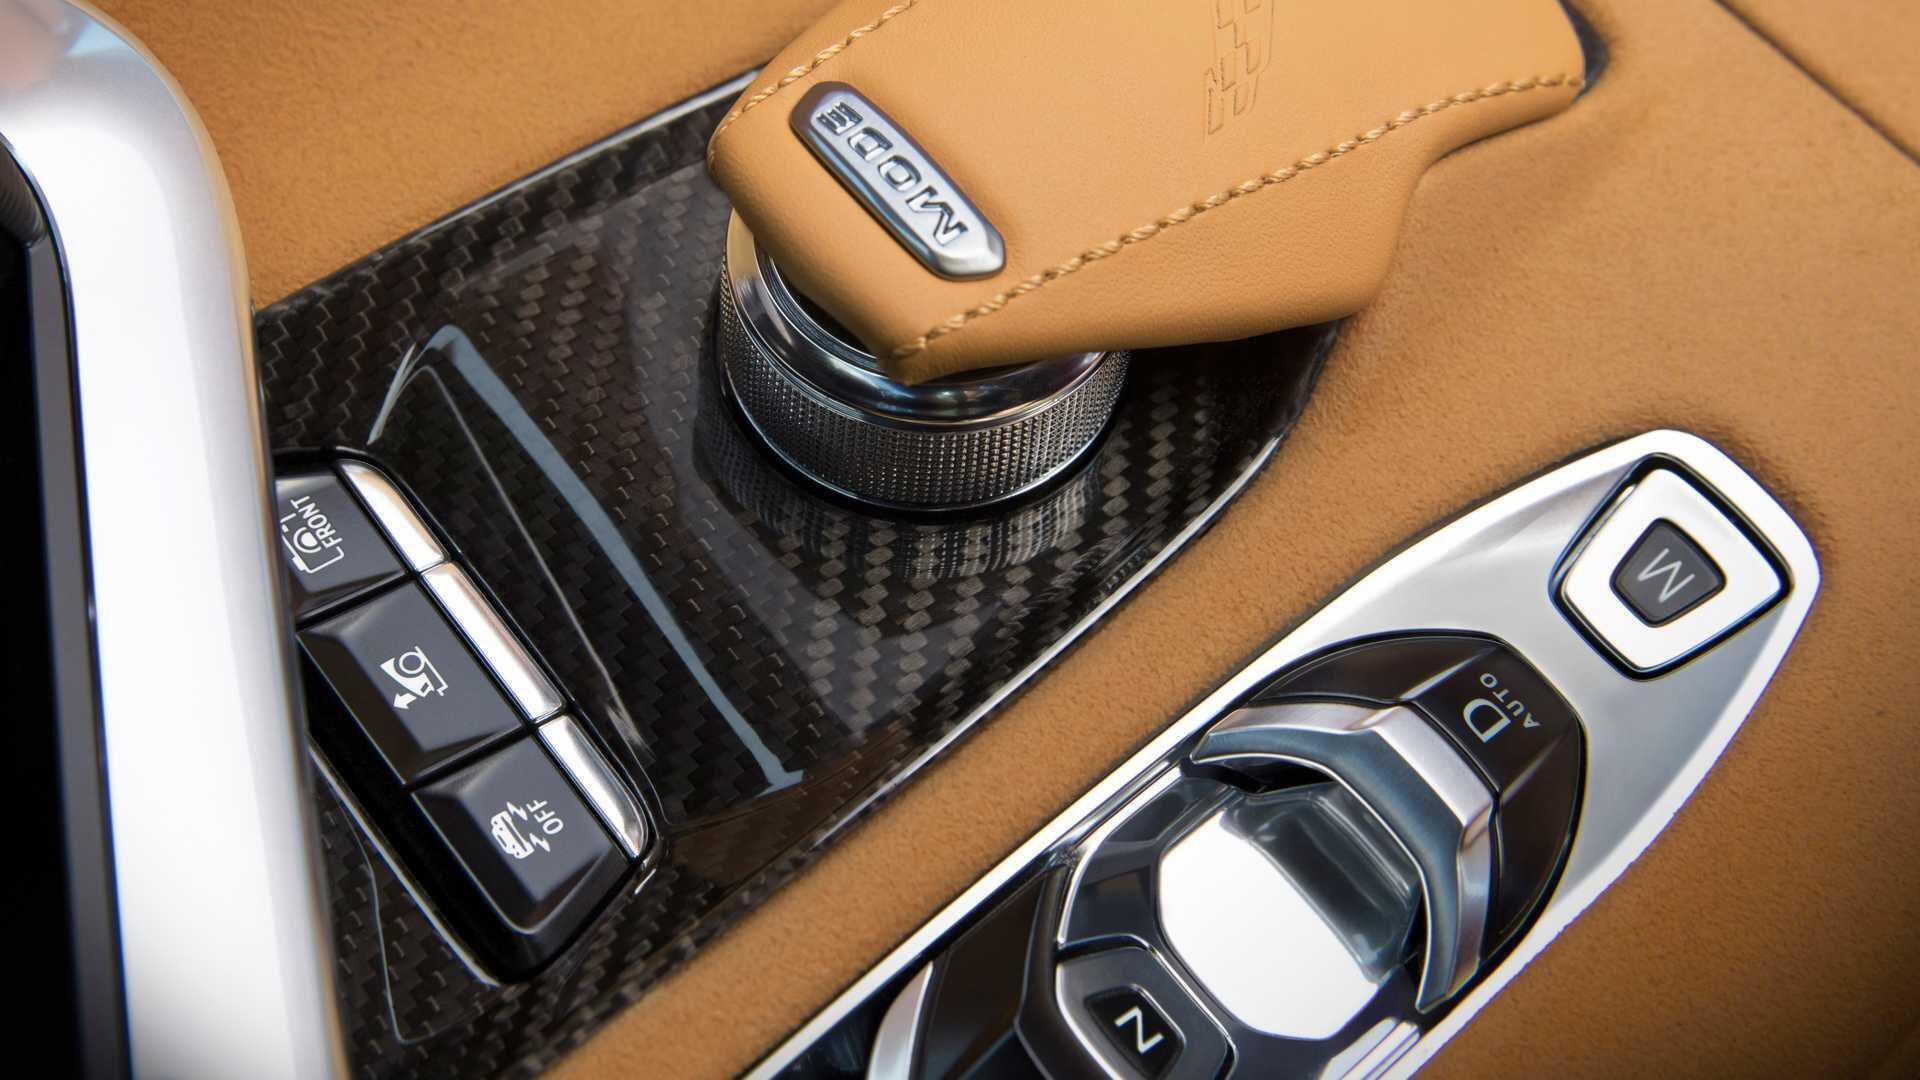 https://cdn.dailyxe.com.vn/image/chevrolet-corvette-2020-co-mot-so-tinh-nang-an-tuyet-voi-89-94587j2.jpg